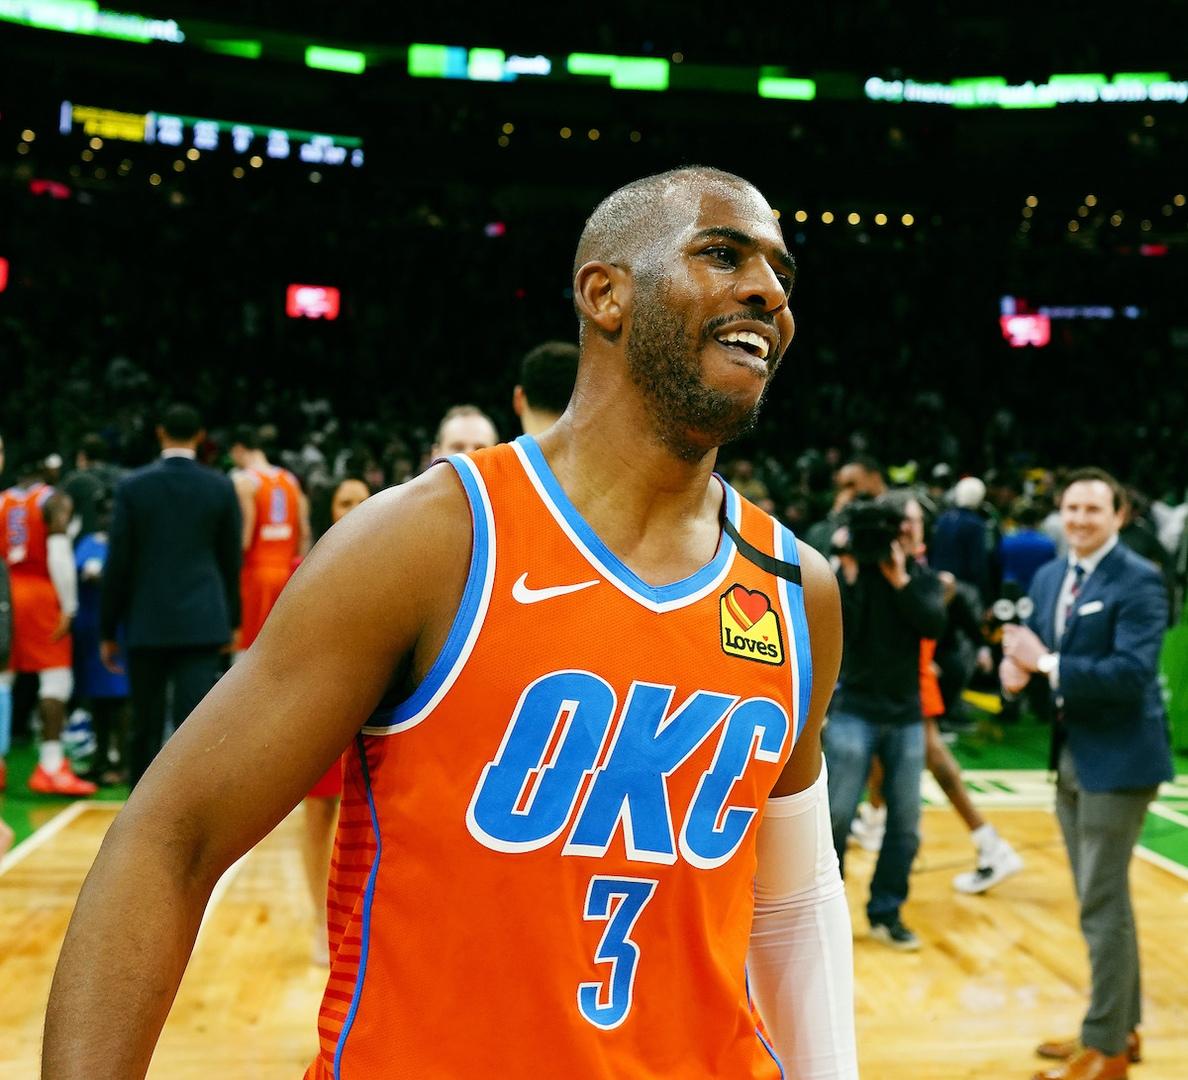 Агенты назвали самую вероятную для обмена суперзвезду НБА в межсезонье